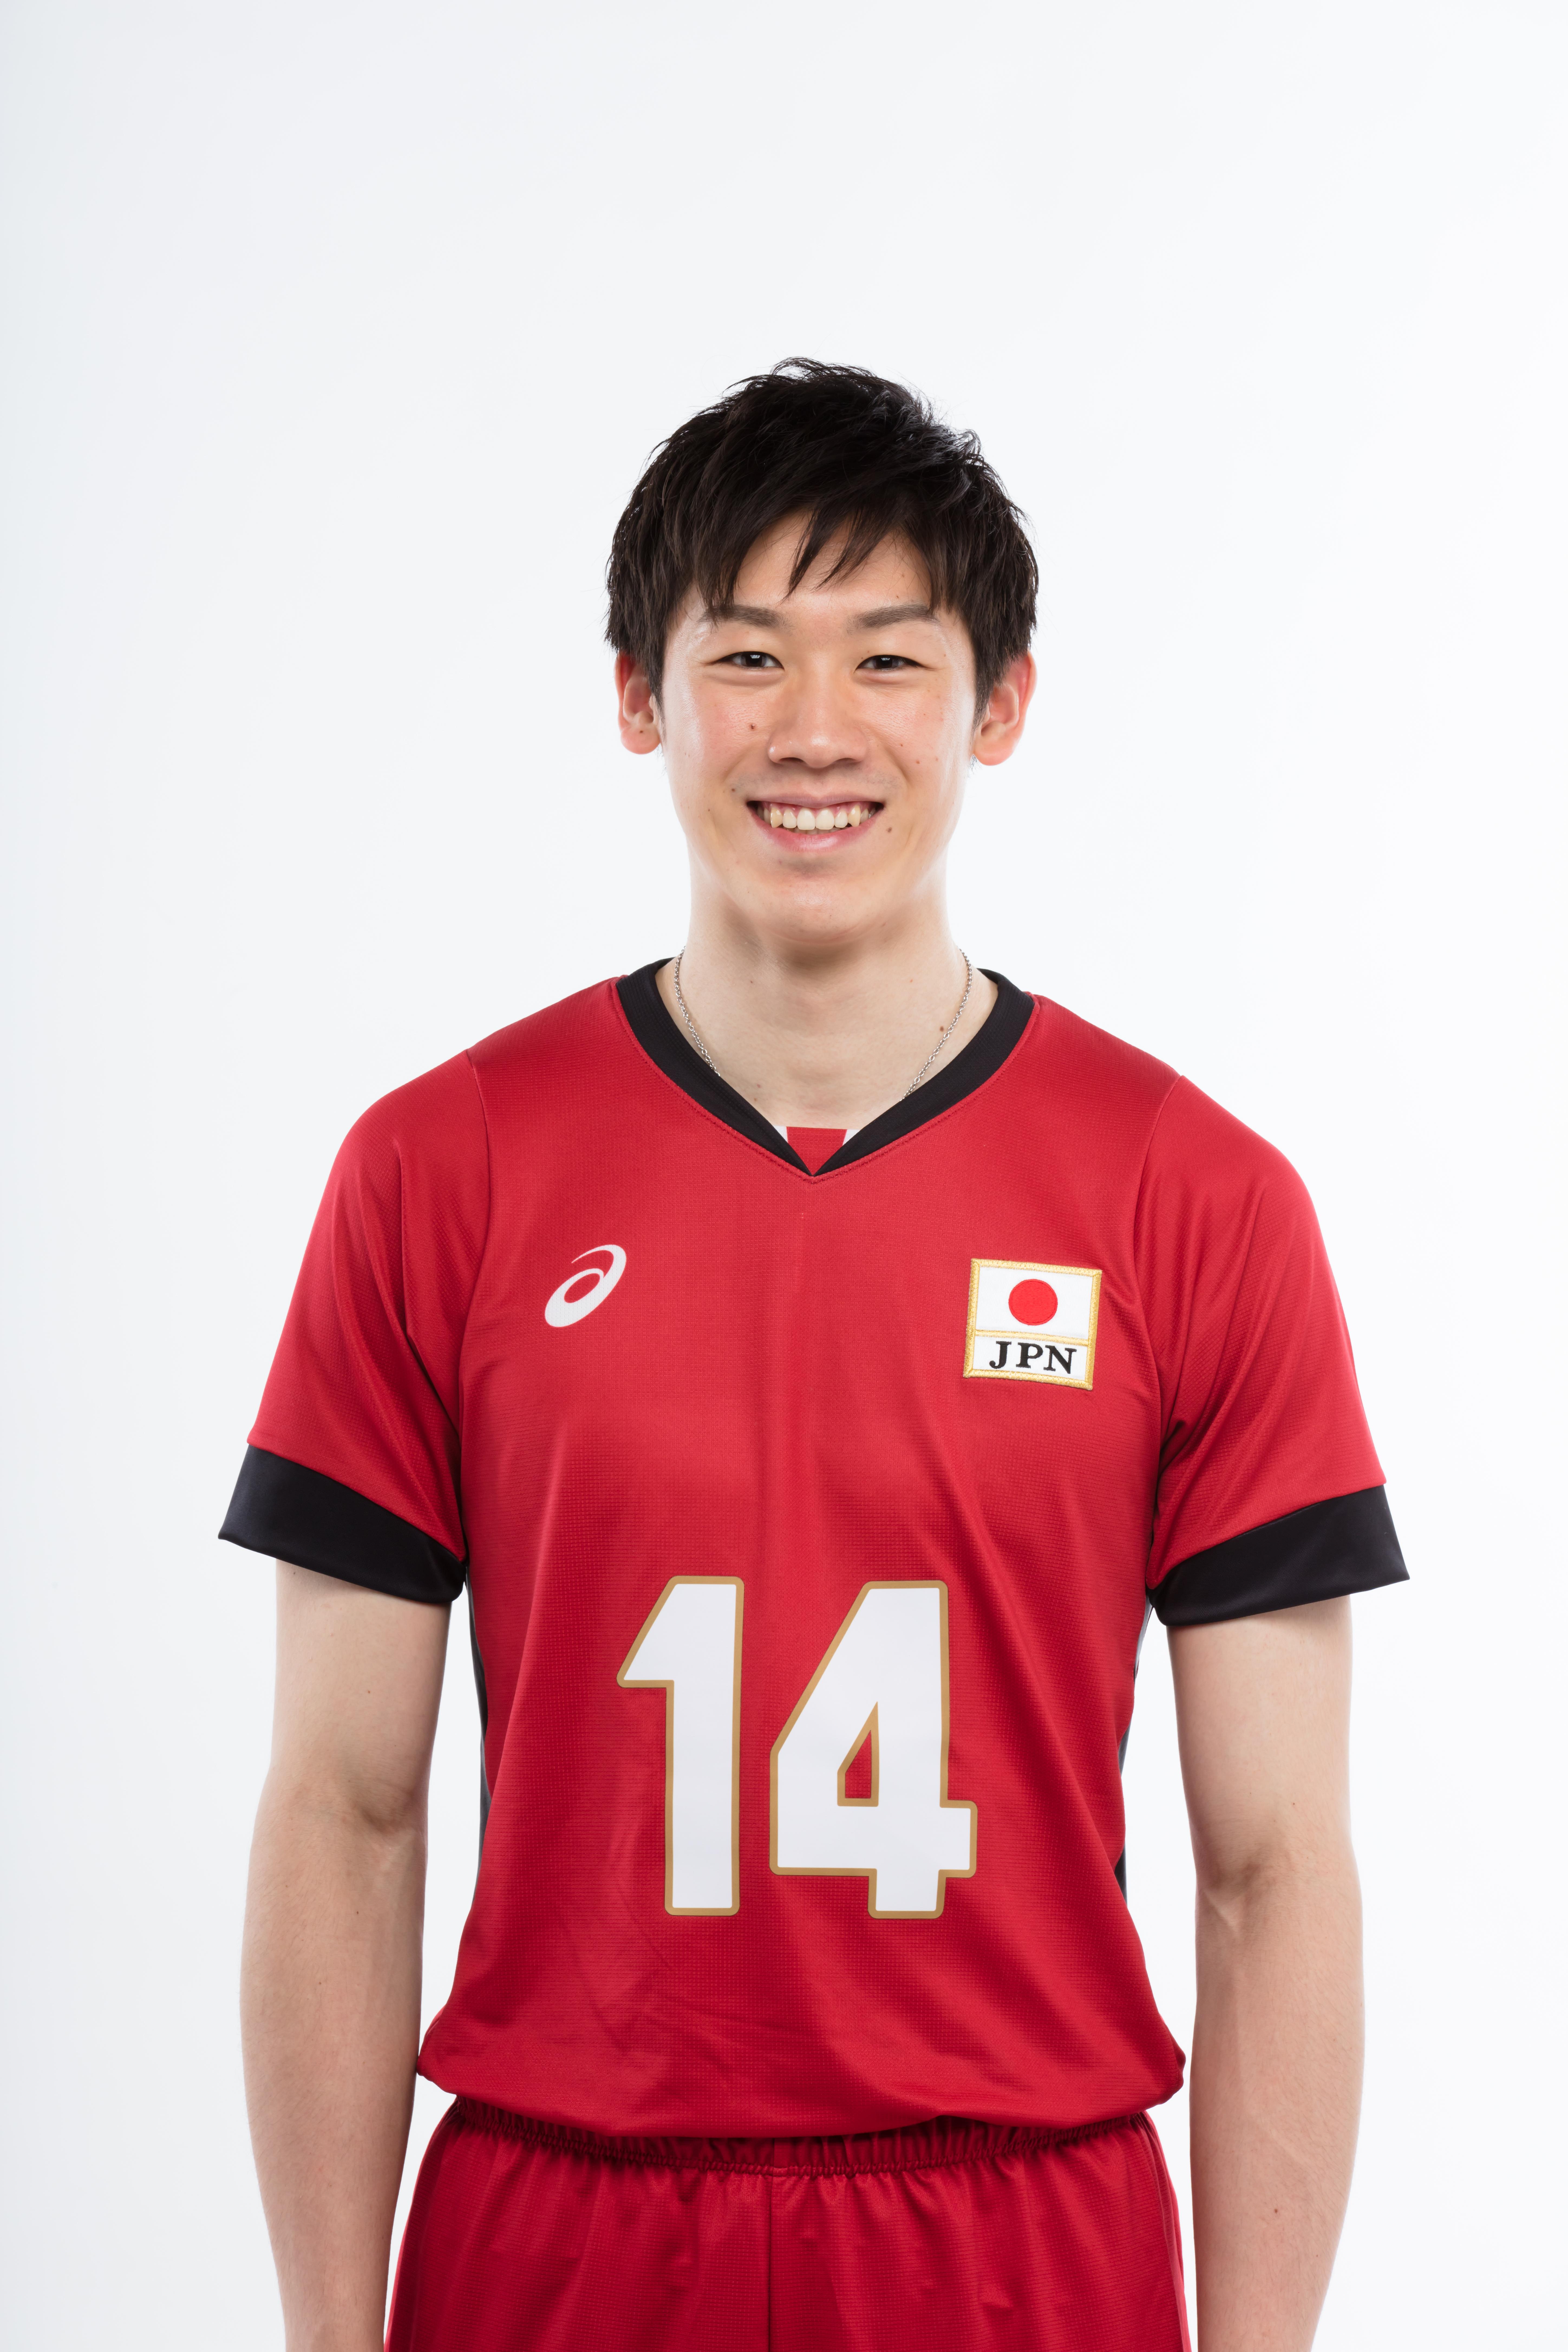 Yuki Ishikawa